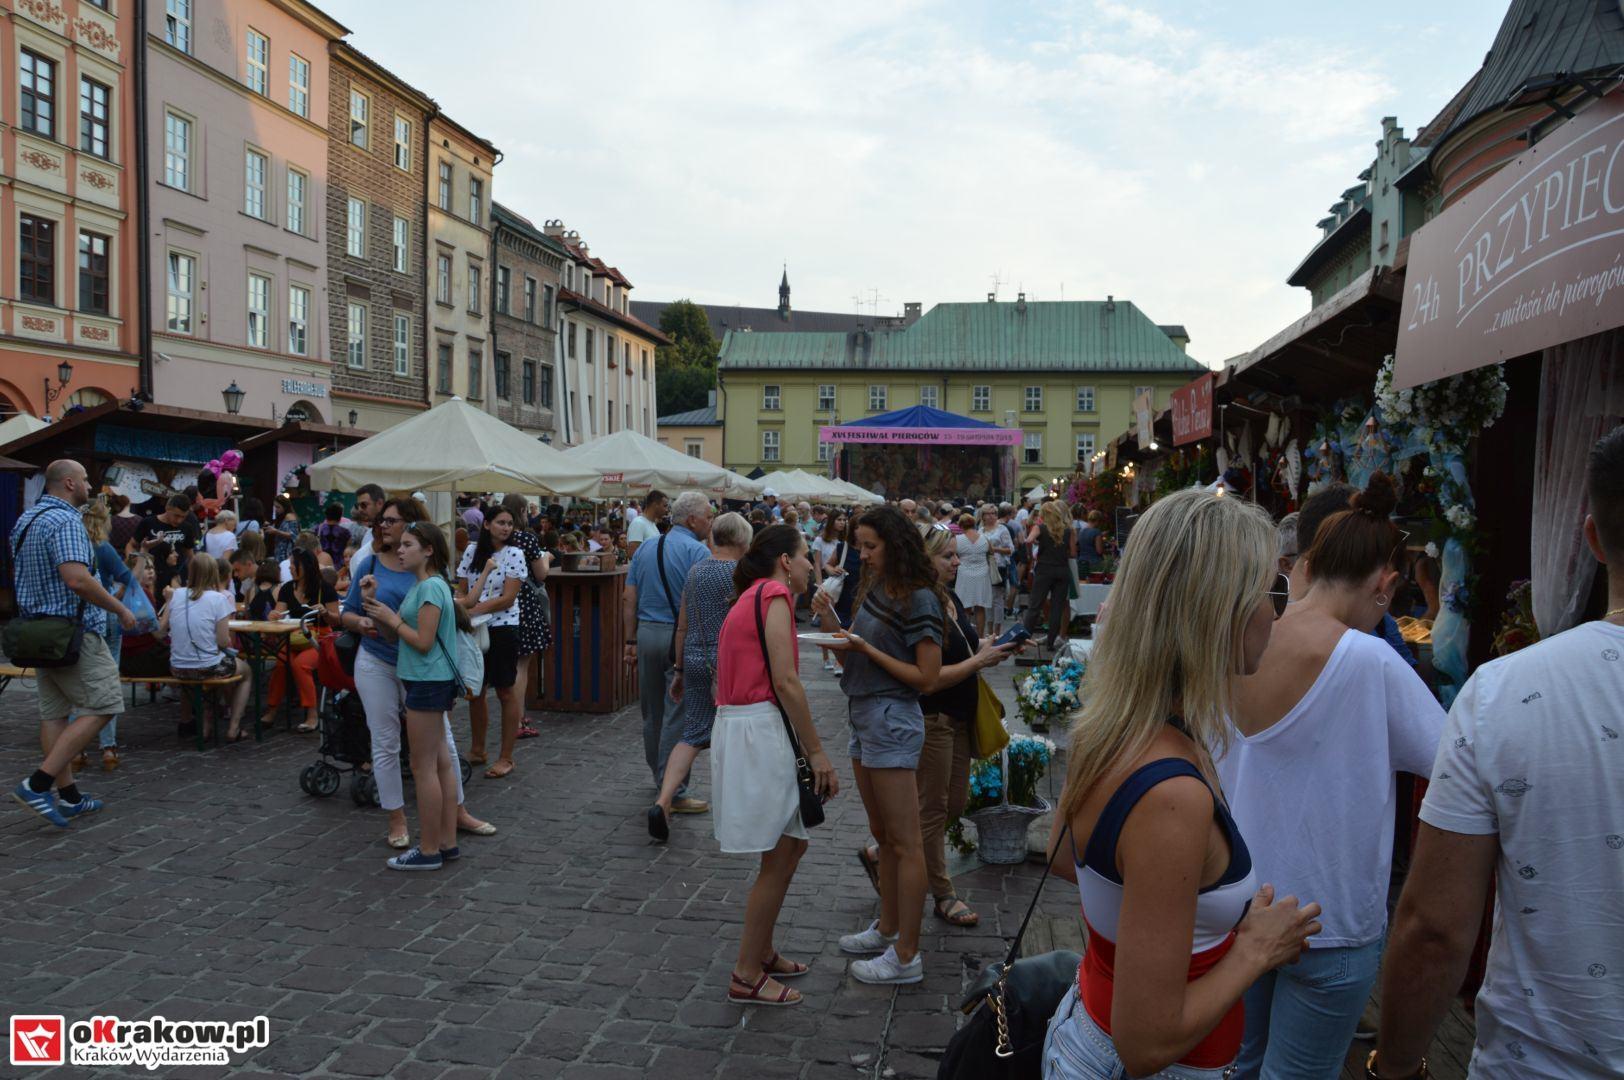 krakow festiwal pierogow maly rynek koncert cheap tobacco 38 150x150 - Galeria zdjęć Festiwal Pierogów Kraków 2018 + zdjęcia z koncertu Cheap Tobacco